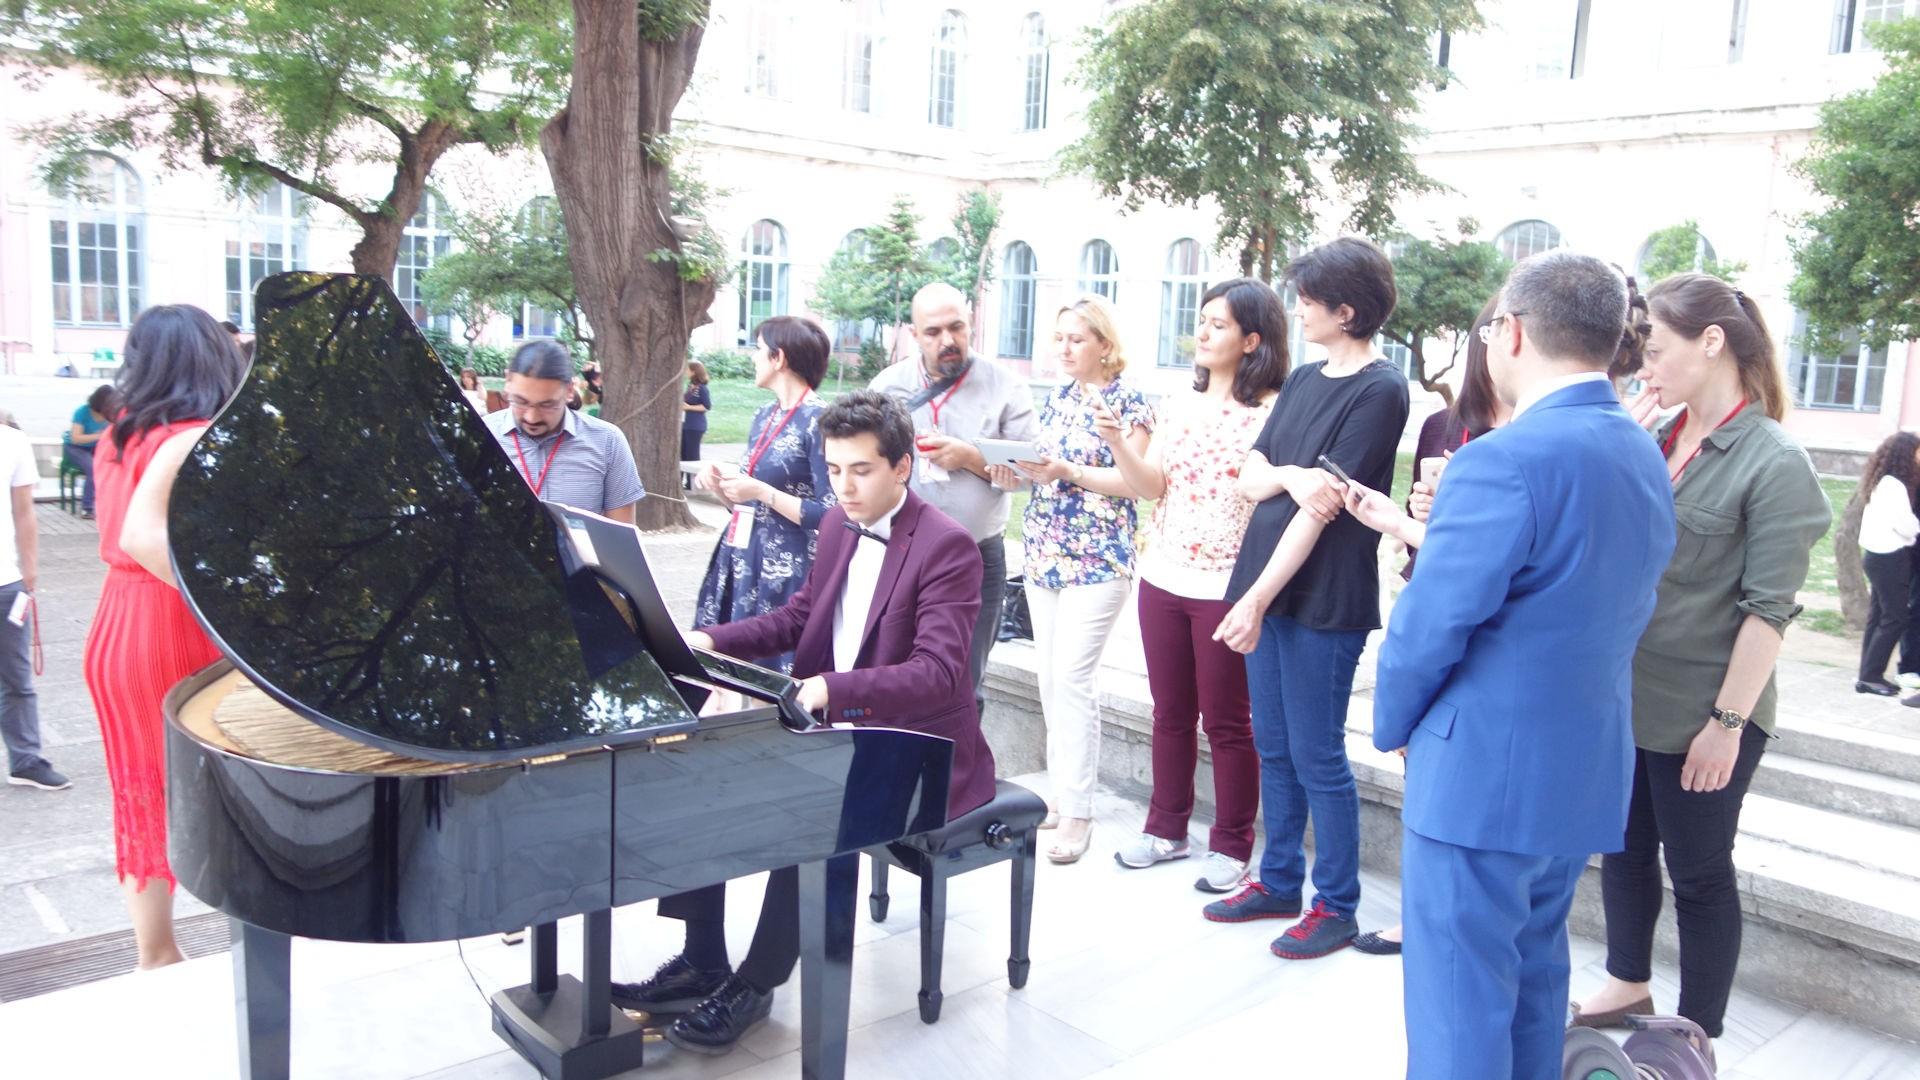 55. İstanbul Teknik Üniversitesi Taşkışla Bahçe Mimarlık Fakültesi Sempozyum Piyano Bahçe Kokteyli Resitali 2016 Piyano Müzikleri Konferans Etkinlikleri. Güneş Yakartepe 1